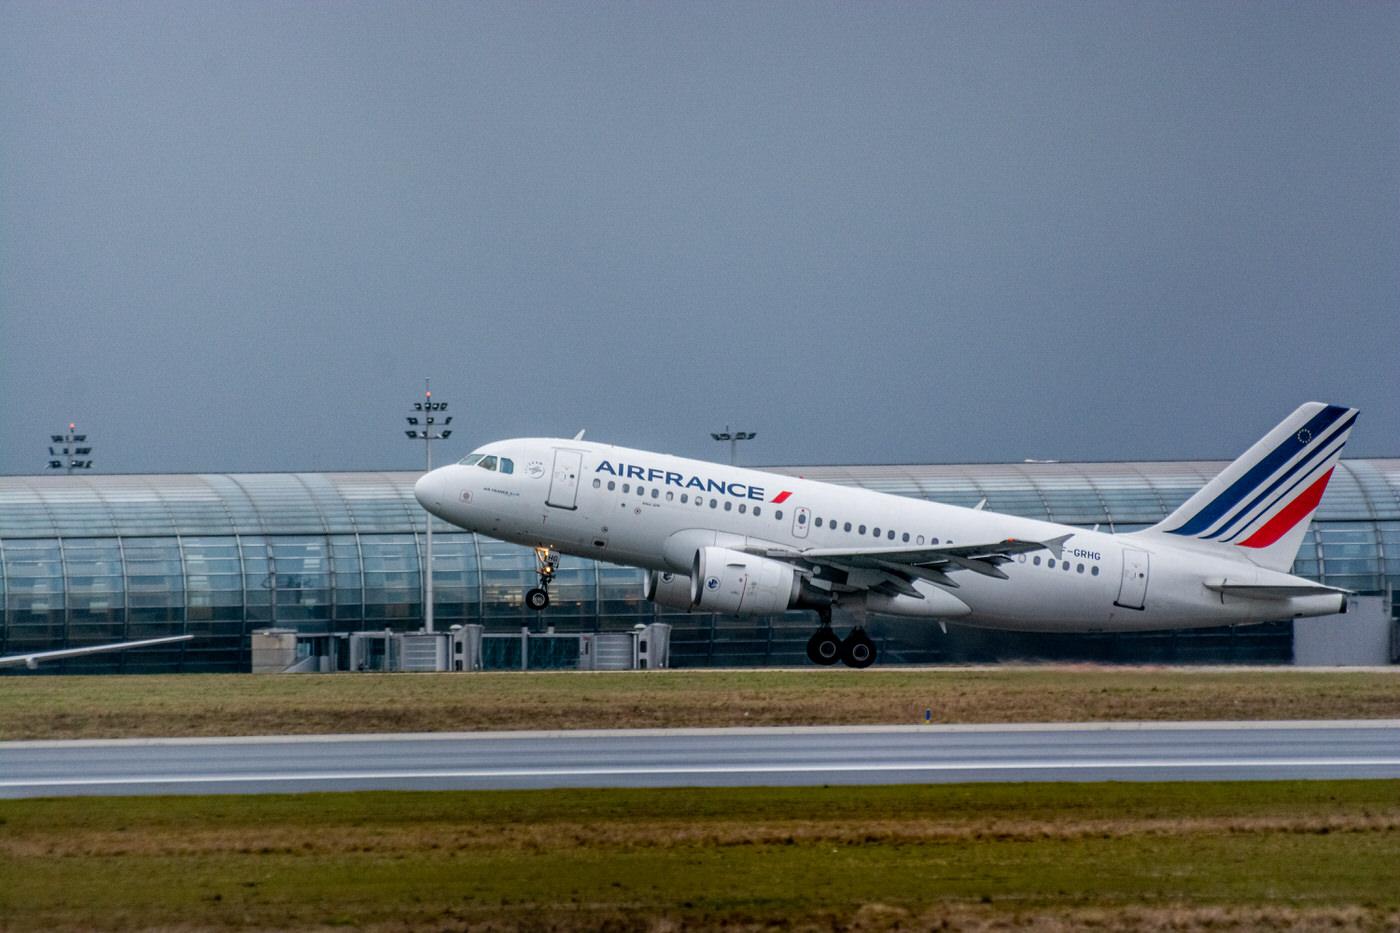 Airbus A319 d'Air France décollant prés de l'aéroport de Roissy-CDG